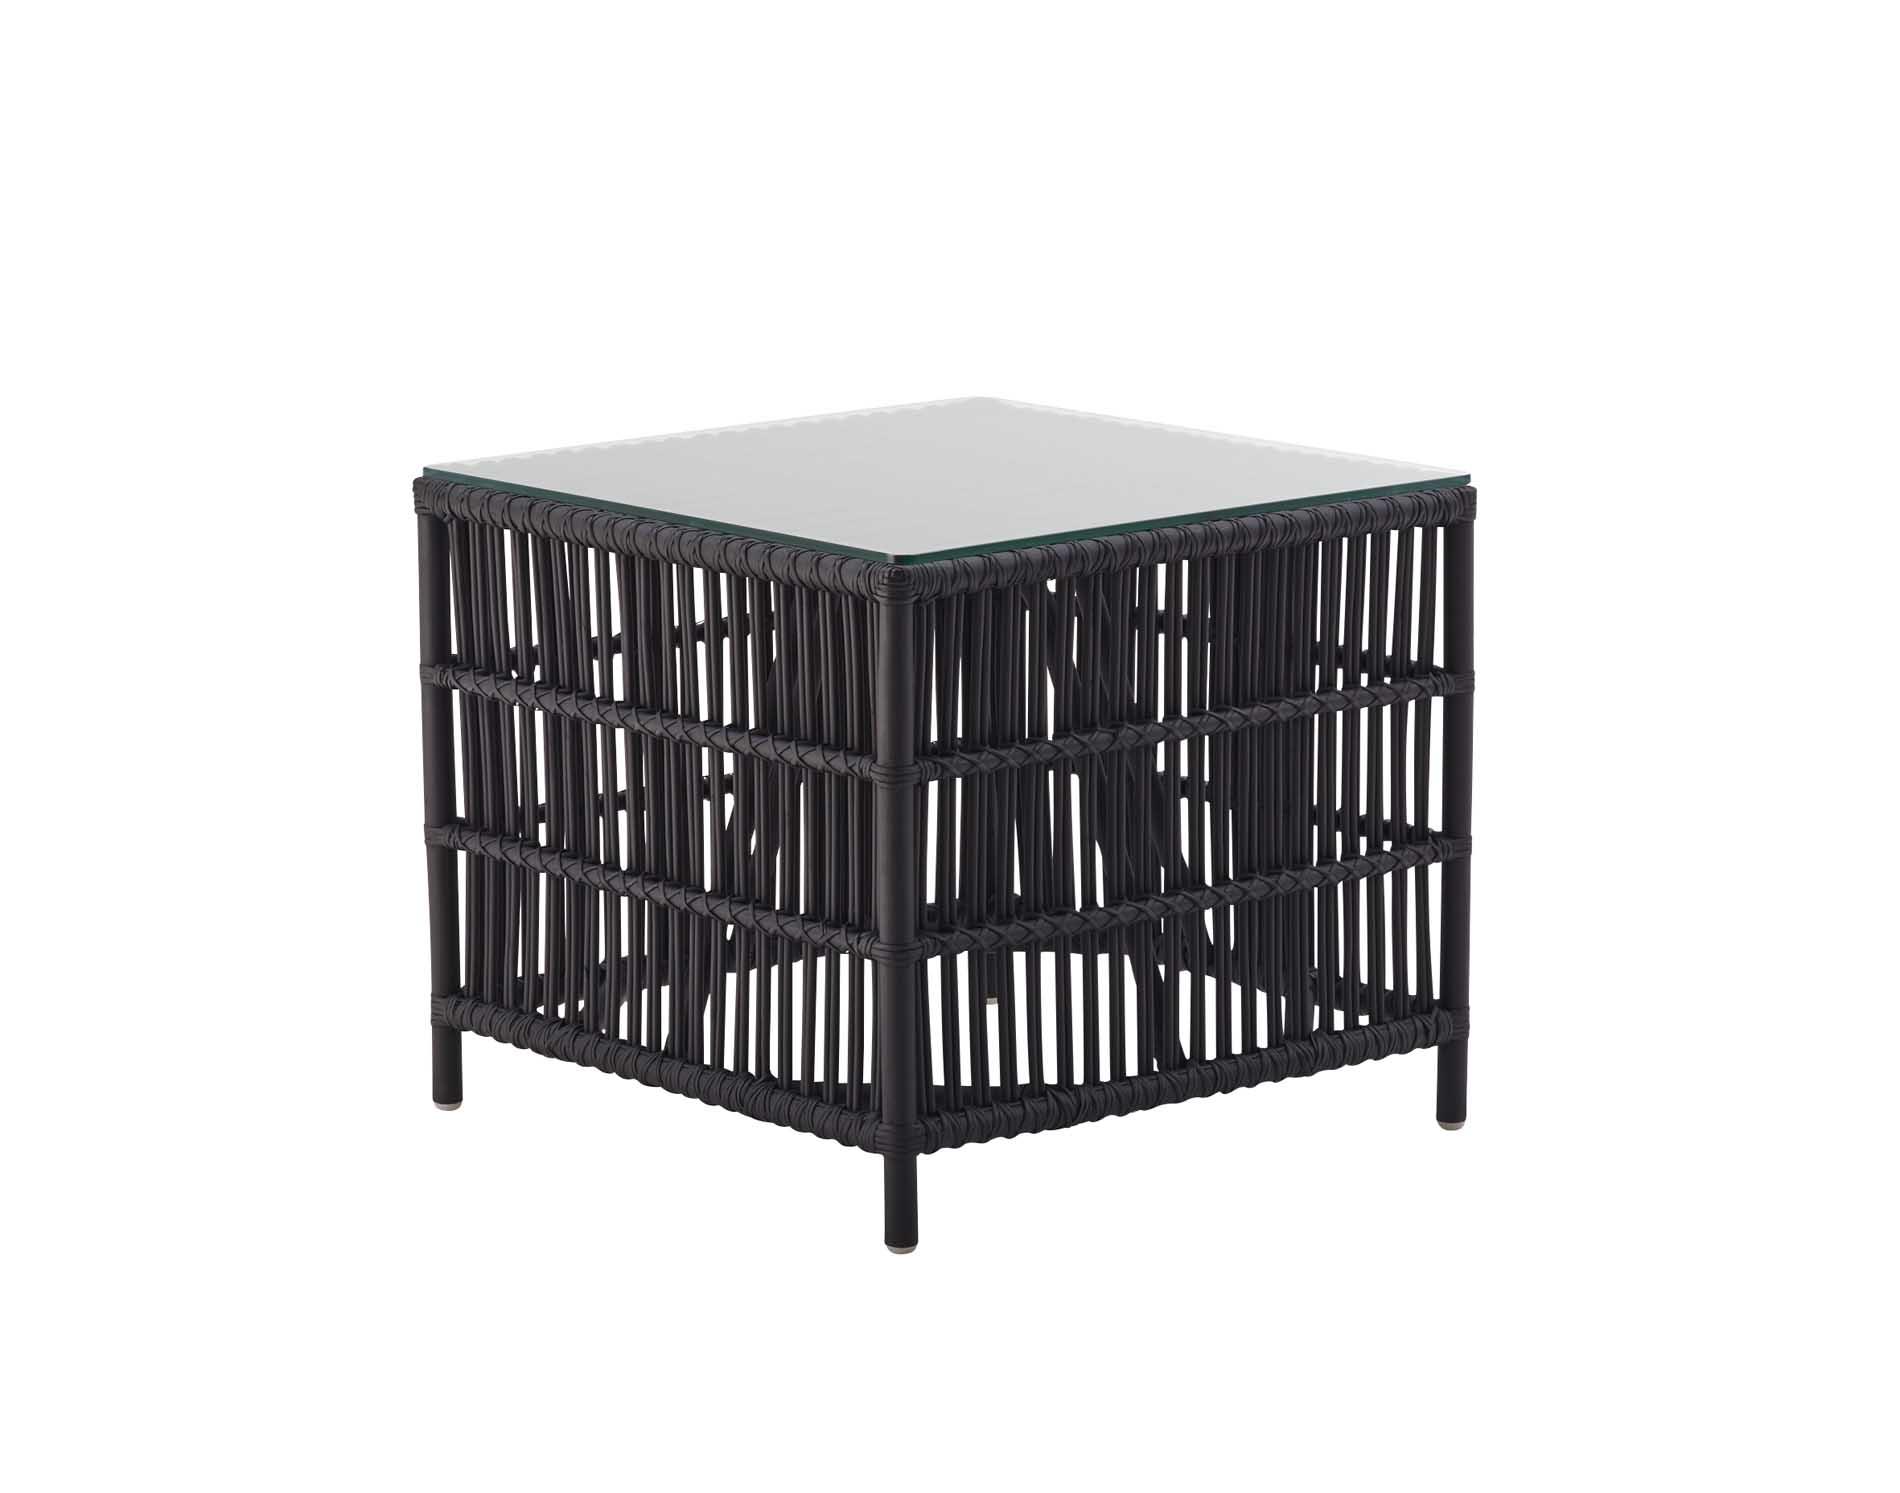 Tables basse carrée en rotin noir mat